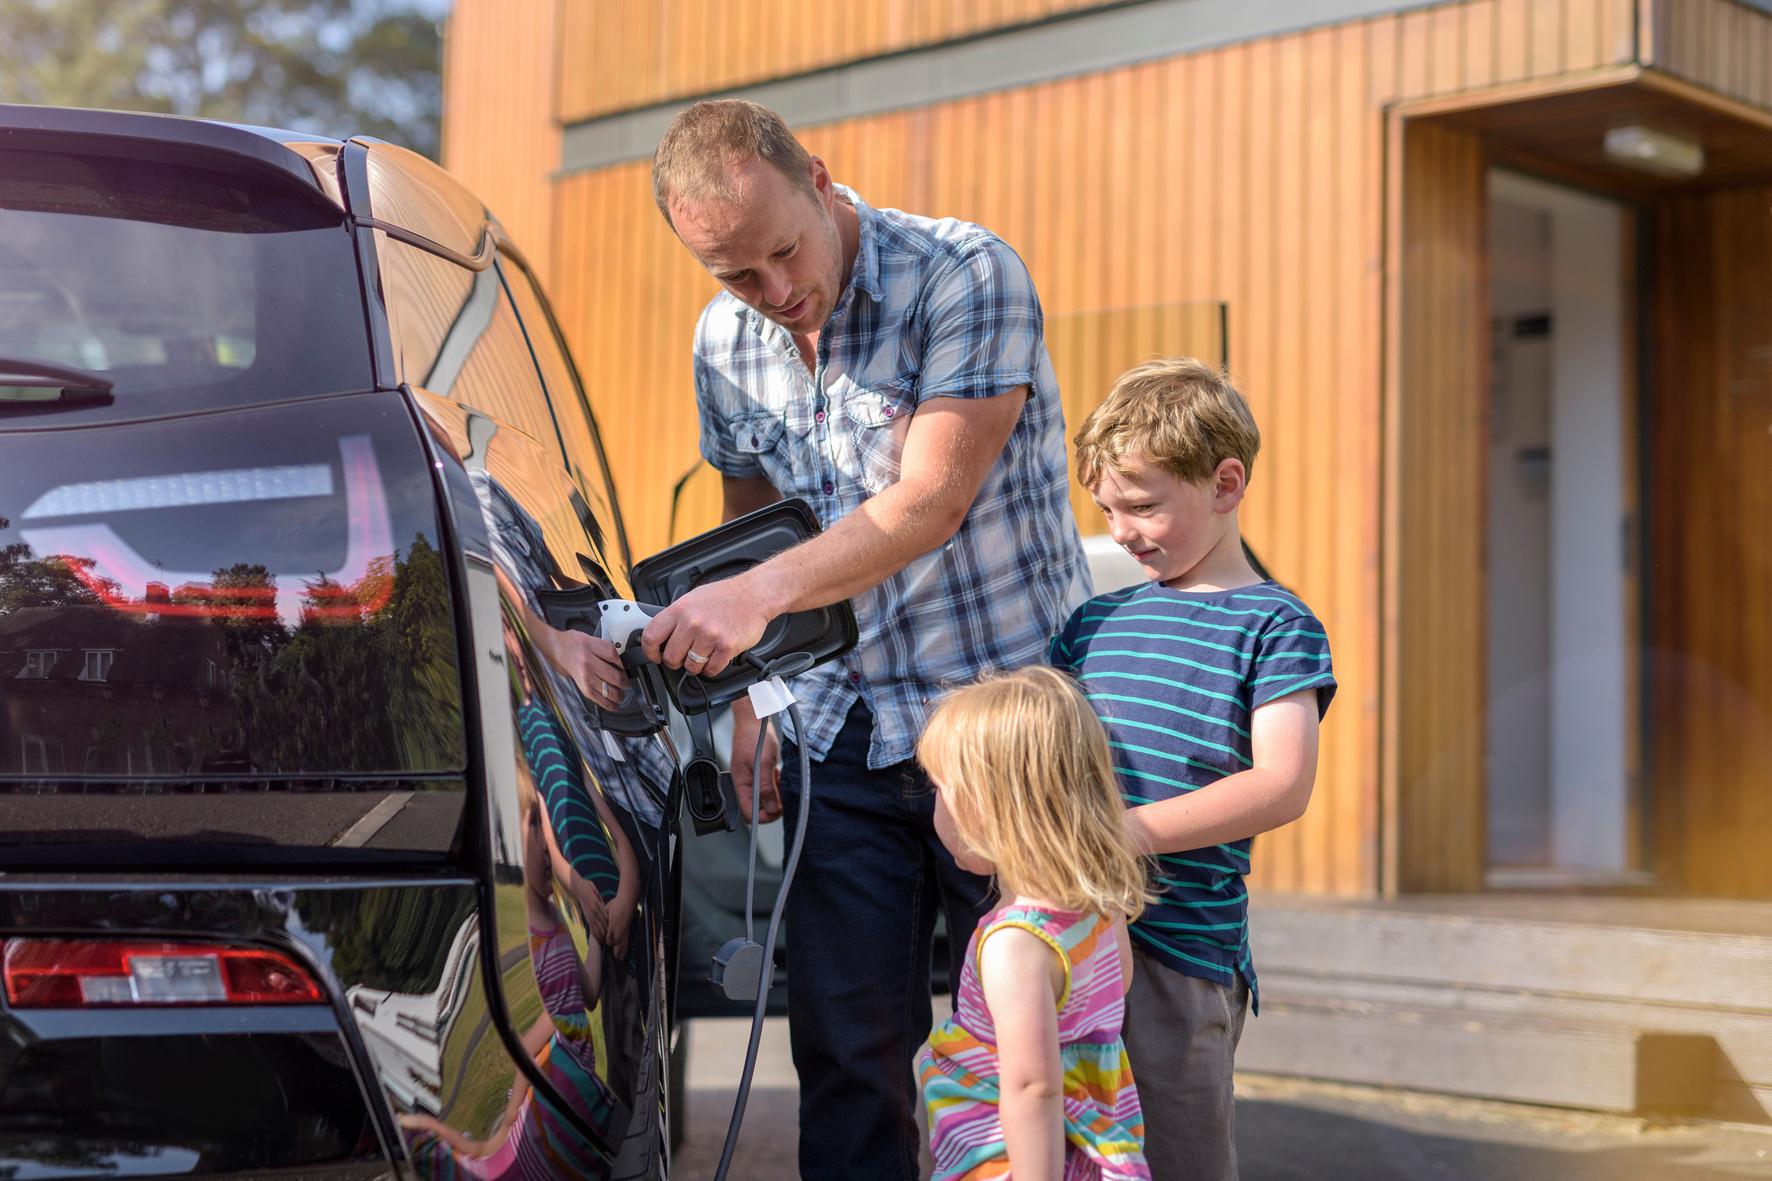 Studie liefert erstaunliche Ergebnisse über Irrtümer und Halbwahrheiten der Elektromobilität